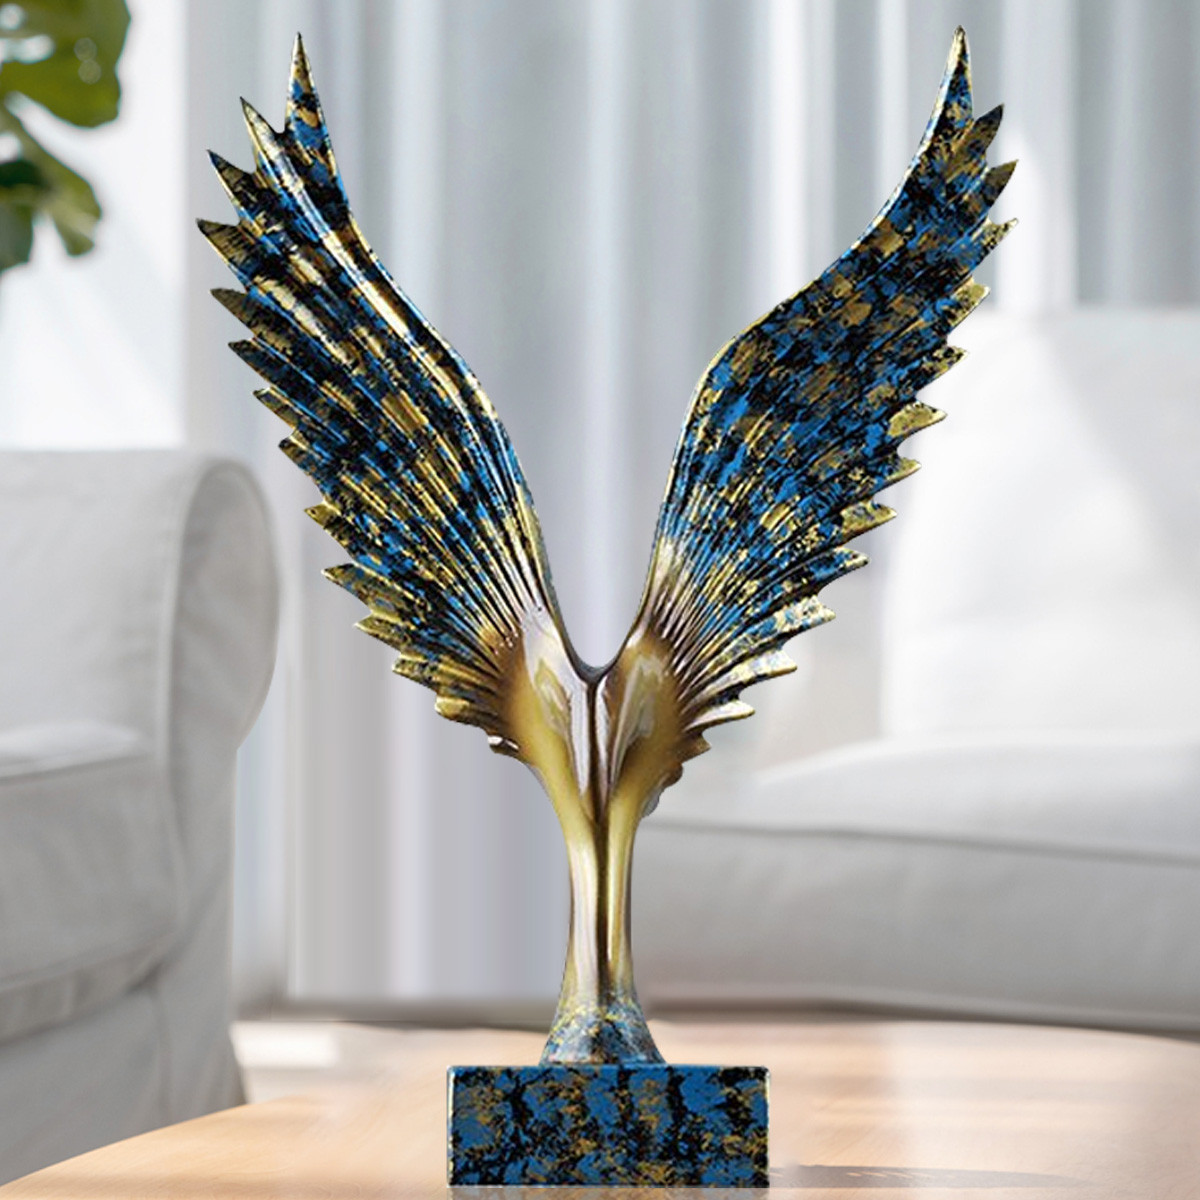 新年大展鸿图,LEMONTREE柠檬树 大鹏展翅 创意个性摆件 23.5x11x31.5cm